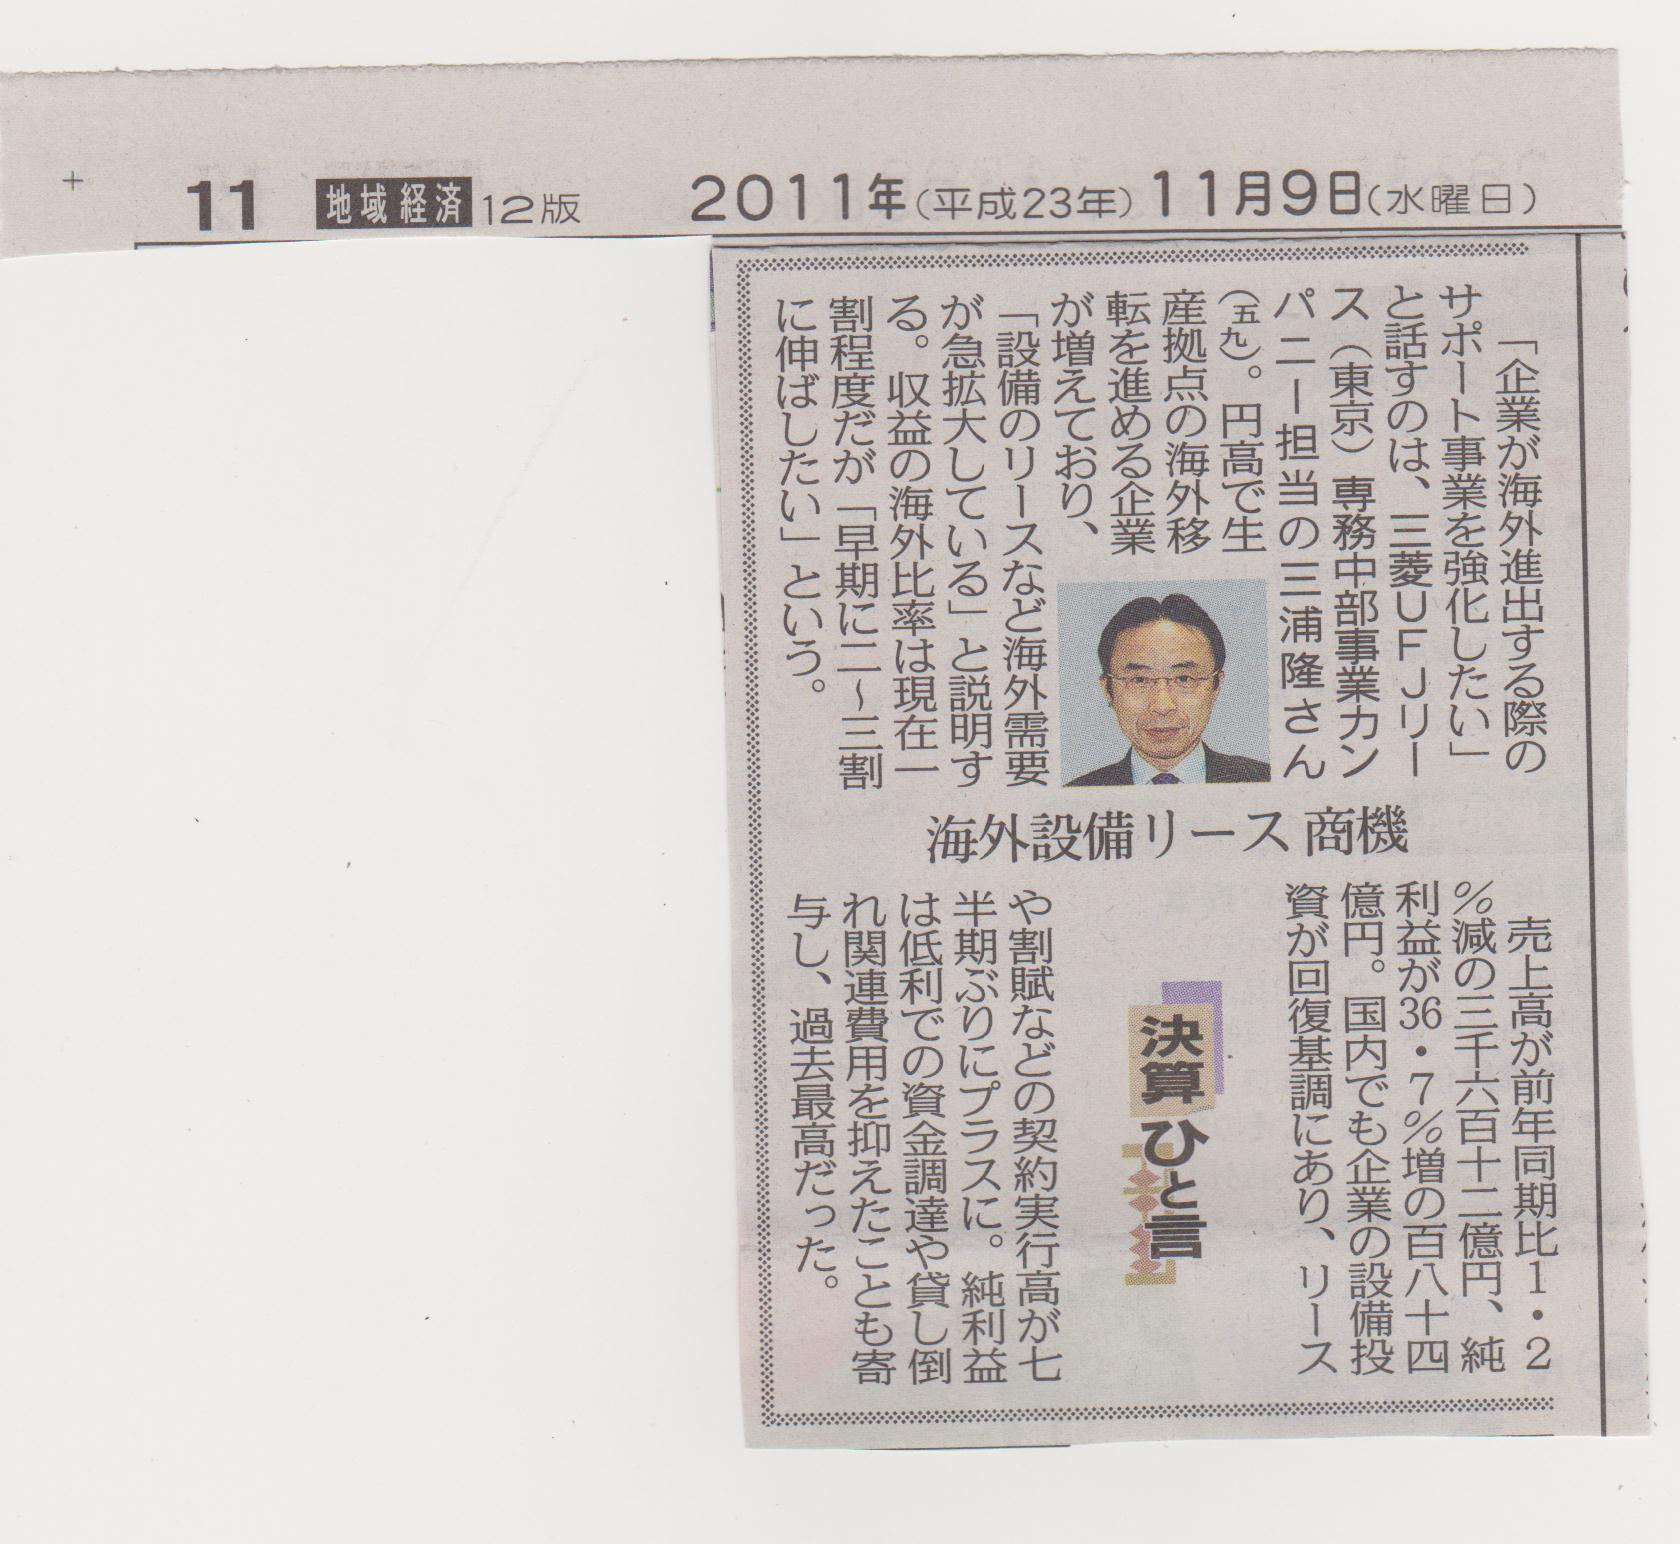 三浦さんの記事 001.jpg